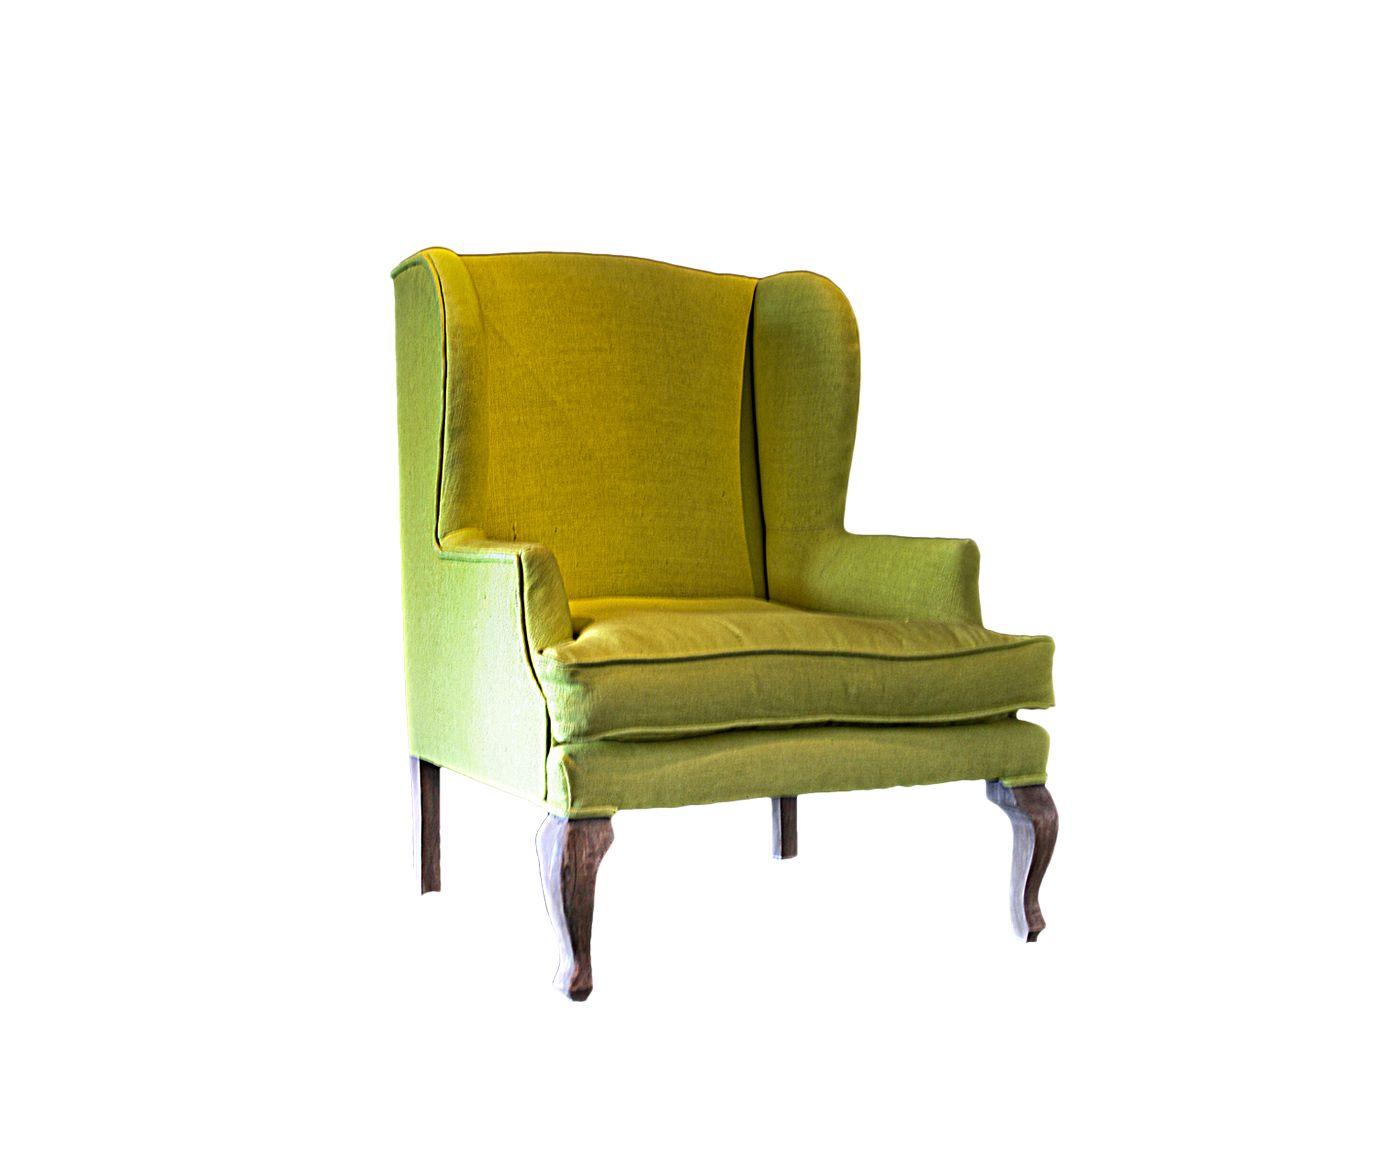 a kings chair